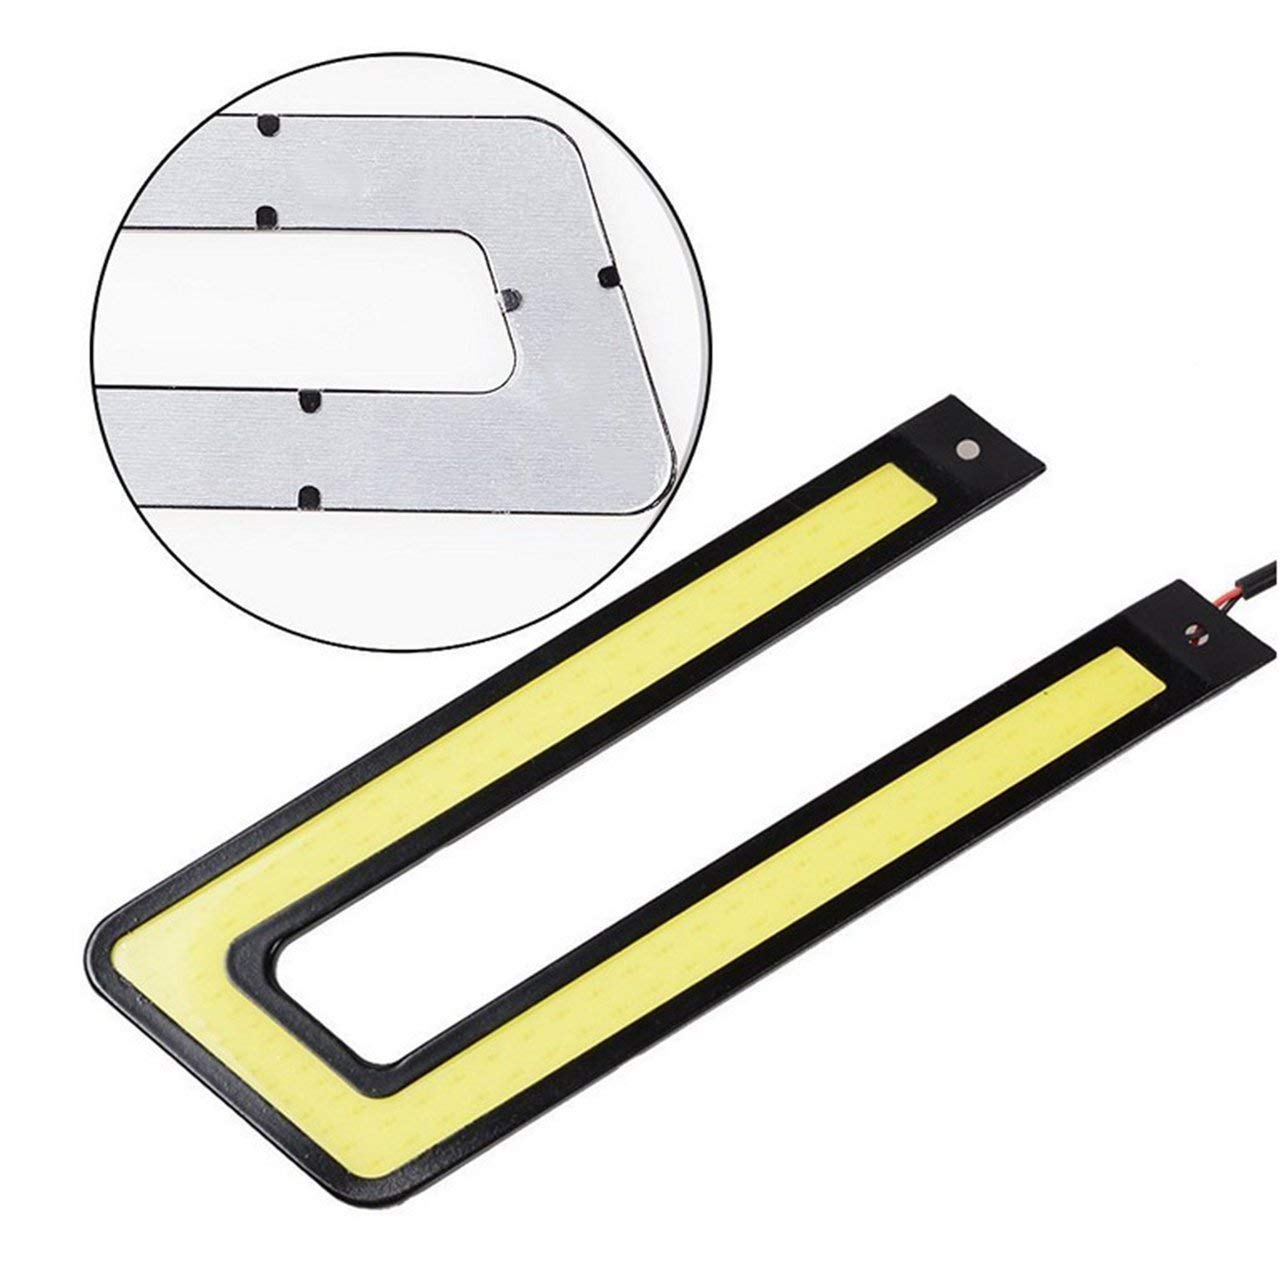 lumi/ère blanche Voiture LED Ultra-mince en U Super Bright COB Feu de jour universel Feu de jour /étanche pour v/éhicule automobile